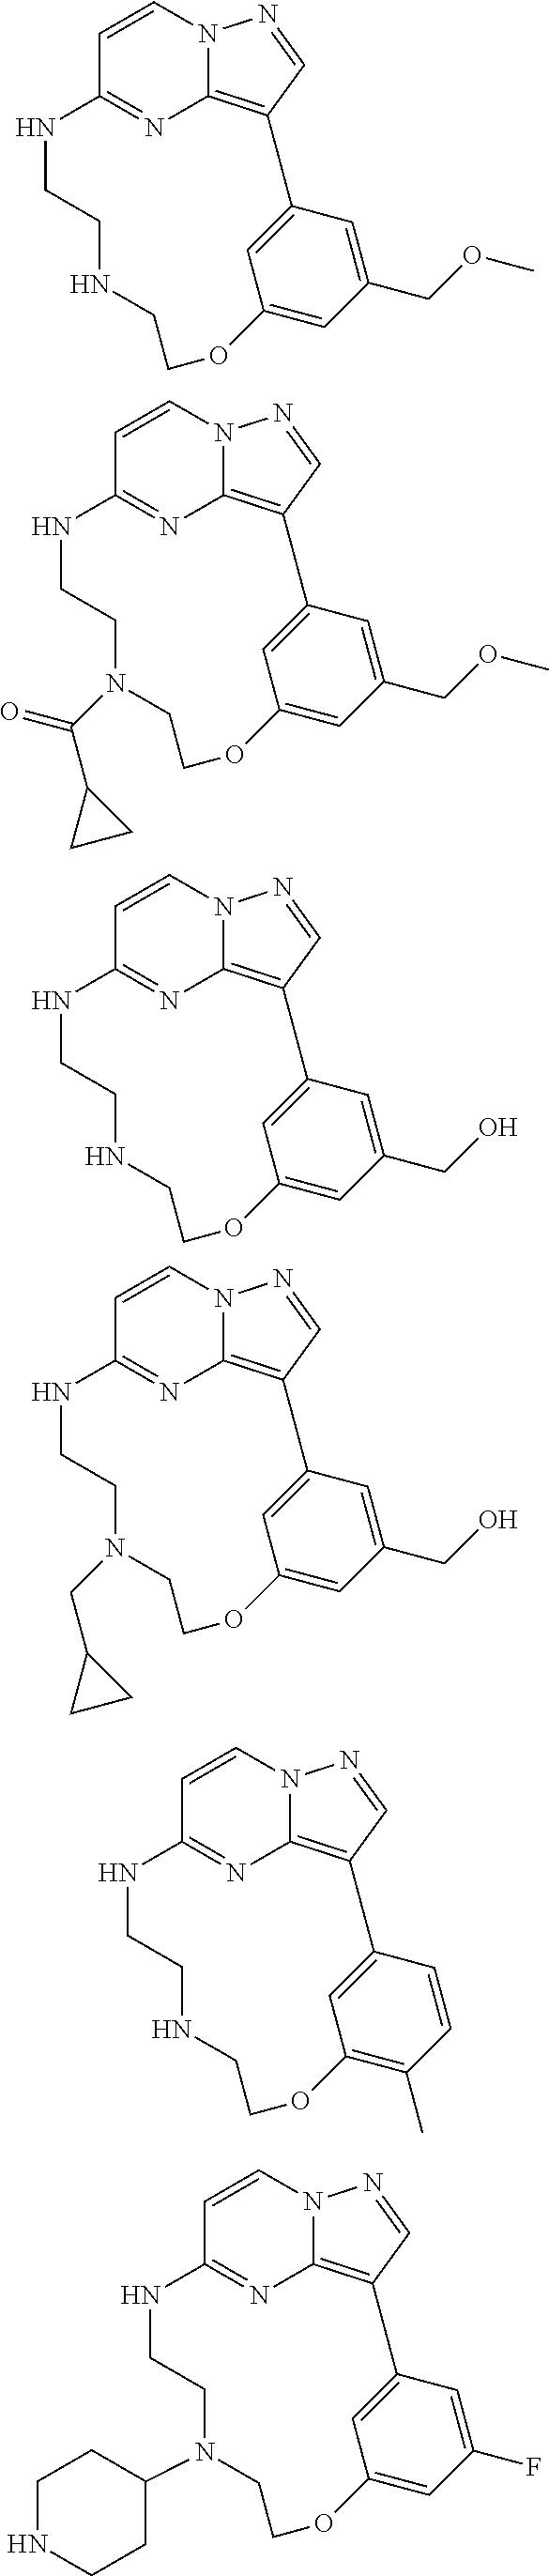 Figure US09586975-20170307-C00007